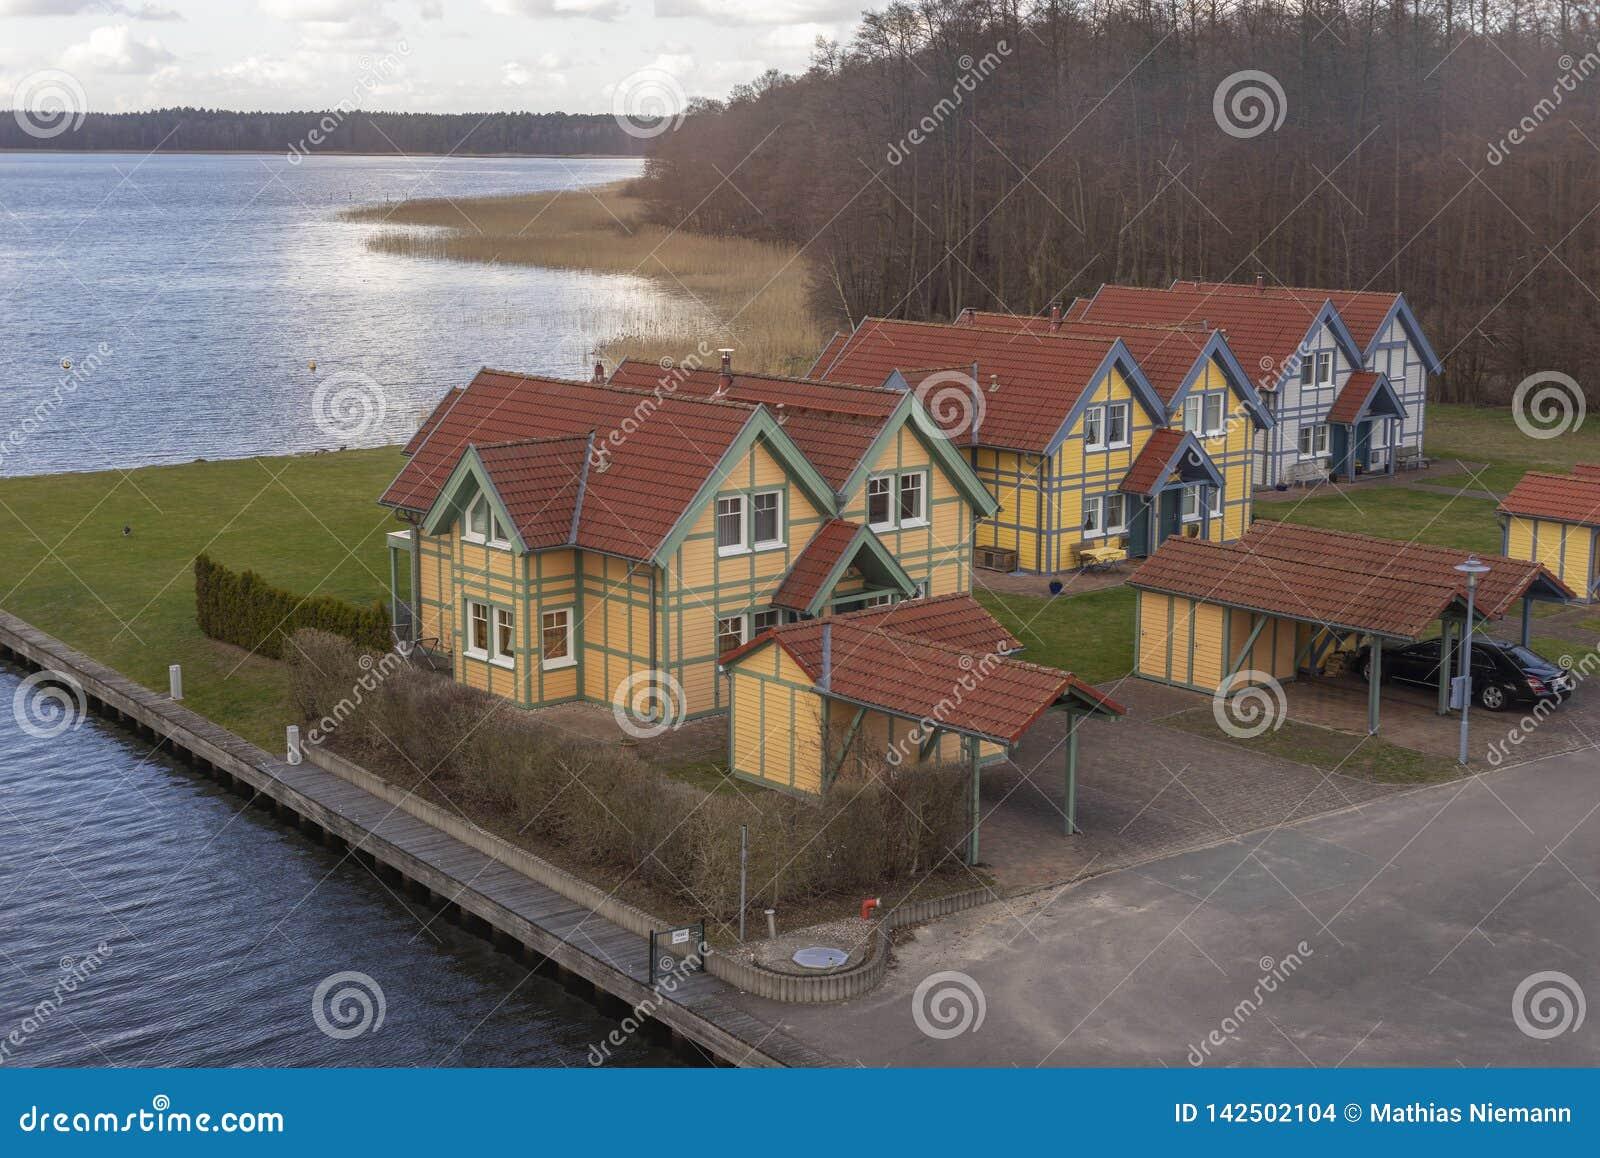 Ein Kleines Dorf Mit Sommerhuschen In Deutschland In Der Nhe Der See Stockfoto   Bild von ...